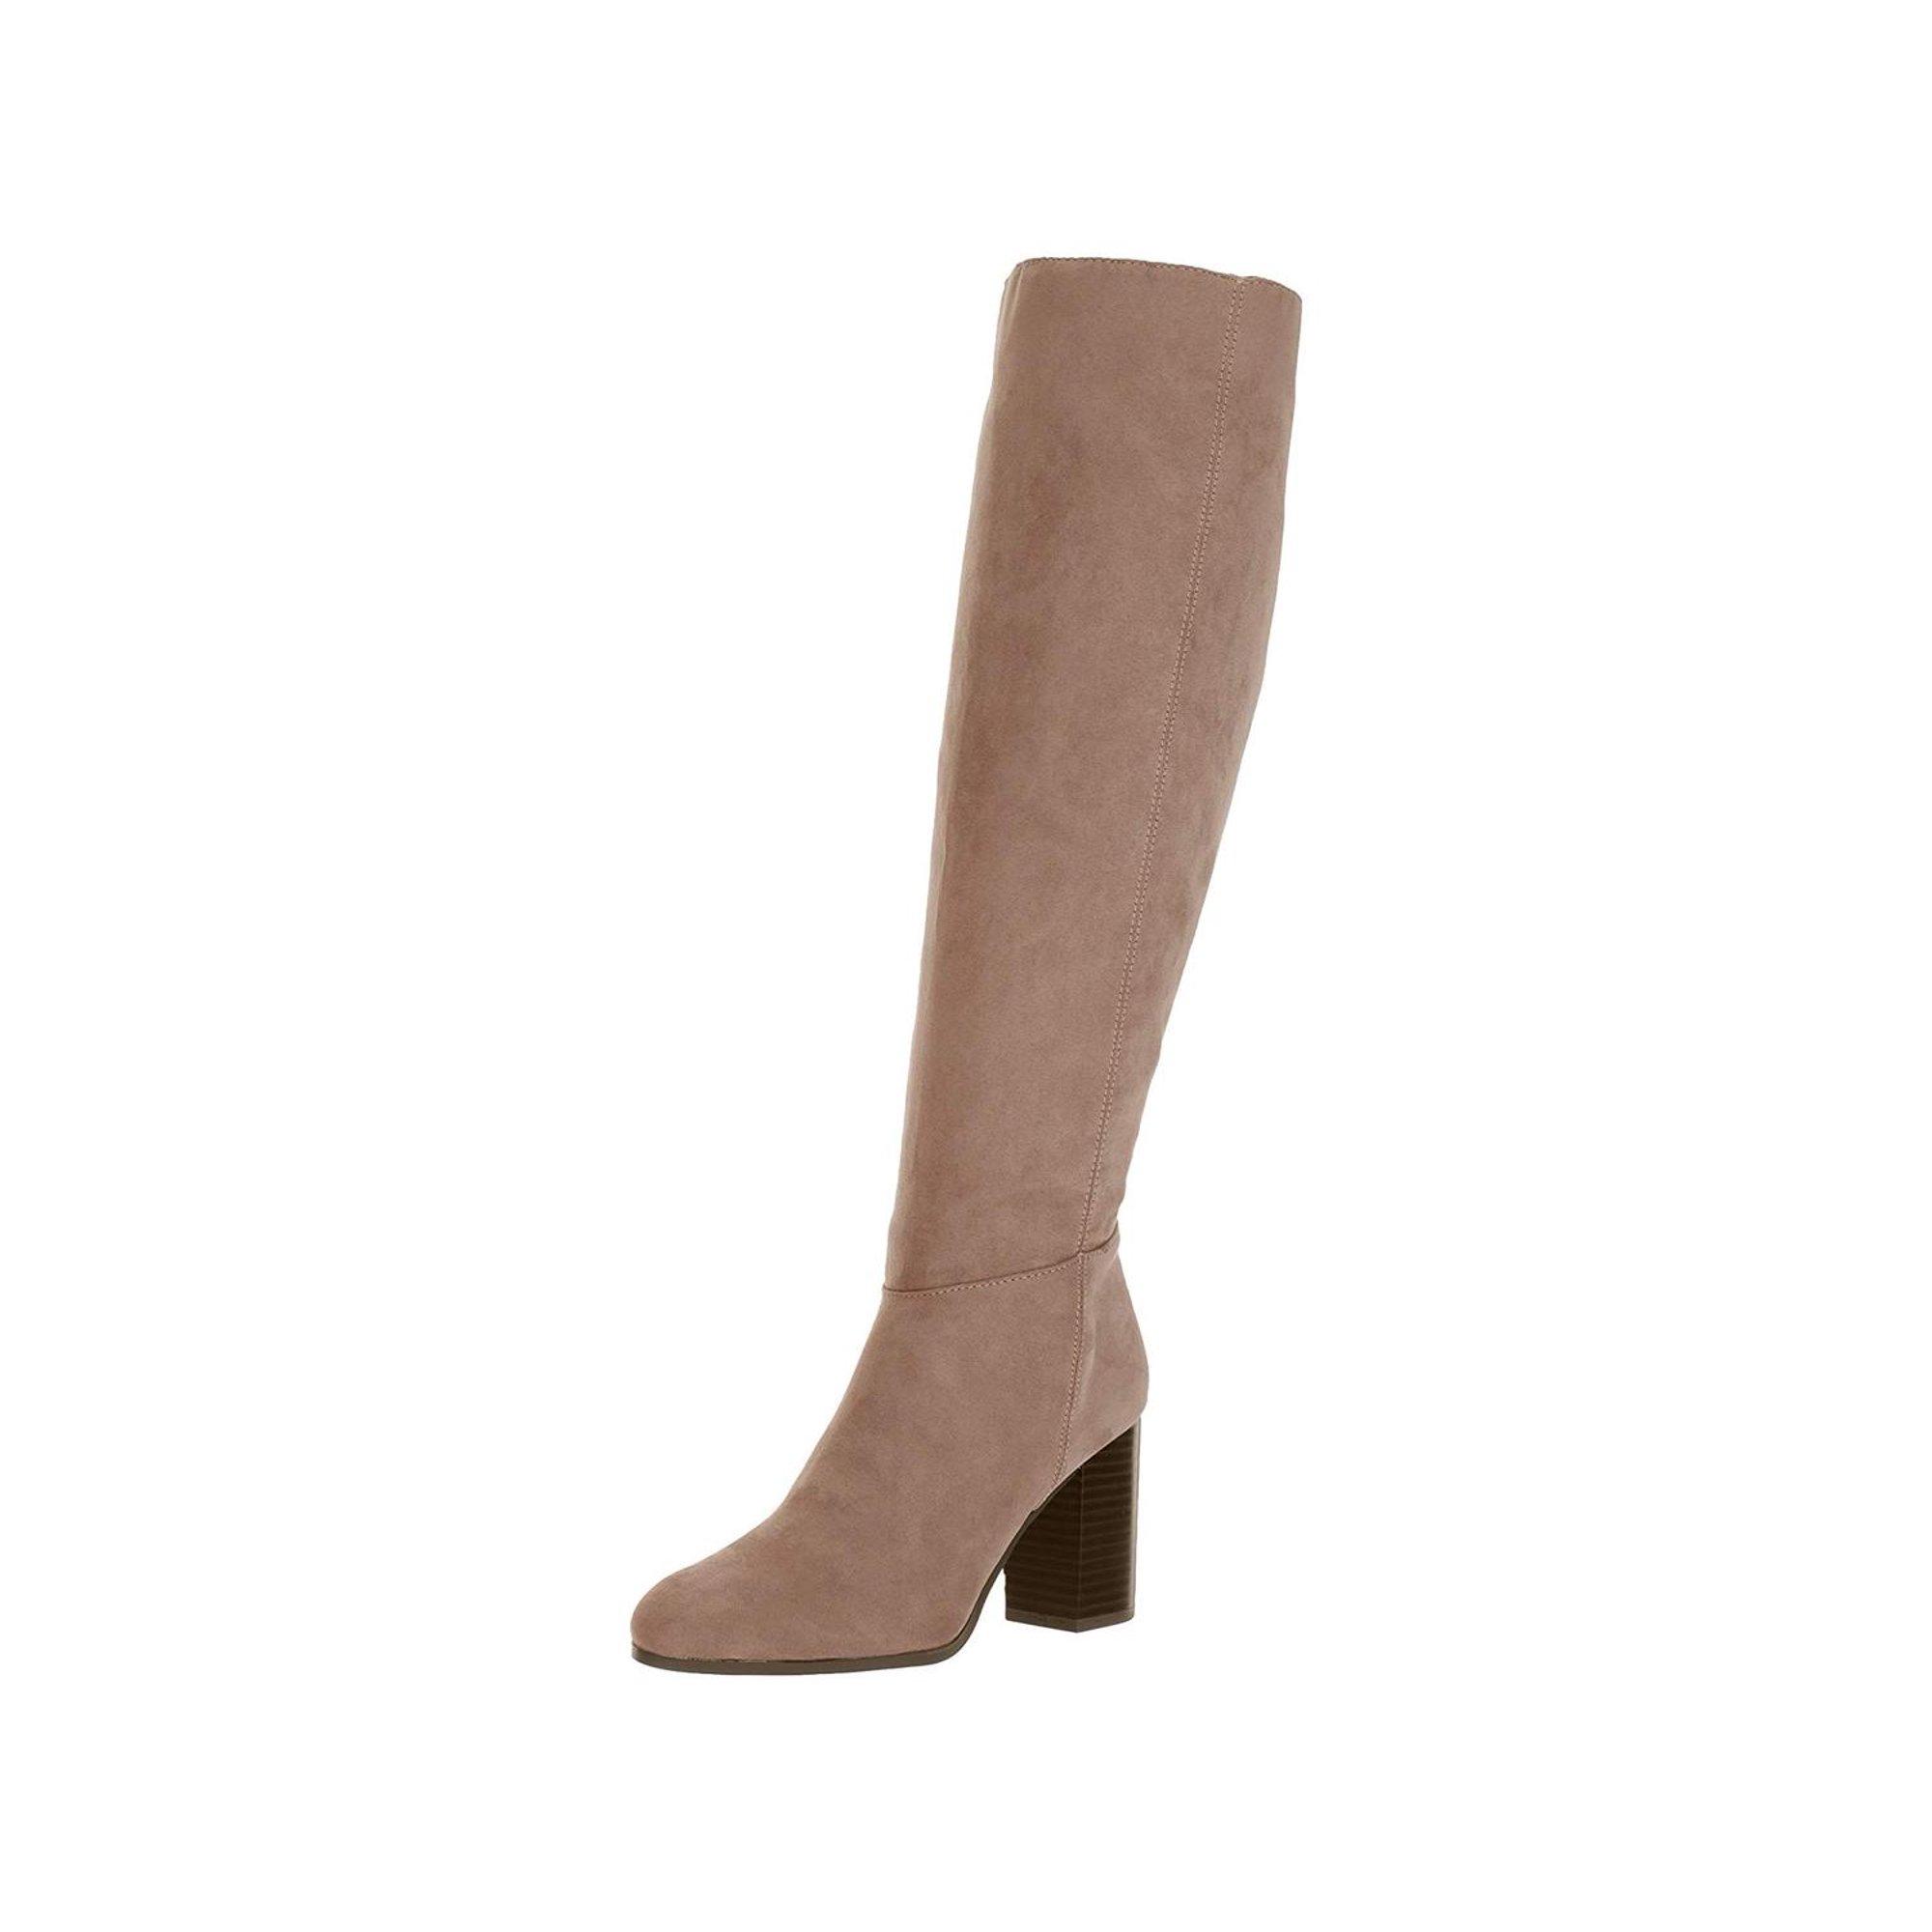 6d09fe05e84 Circus by Sam Edelman Womens Silbey Fabric Almond Toe | Walmart Canada